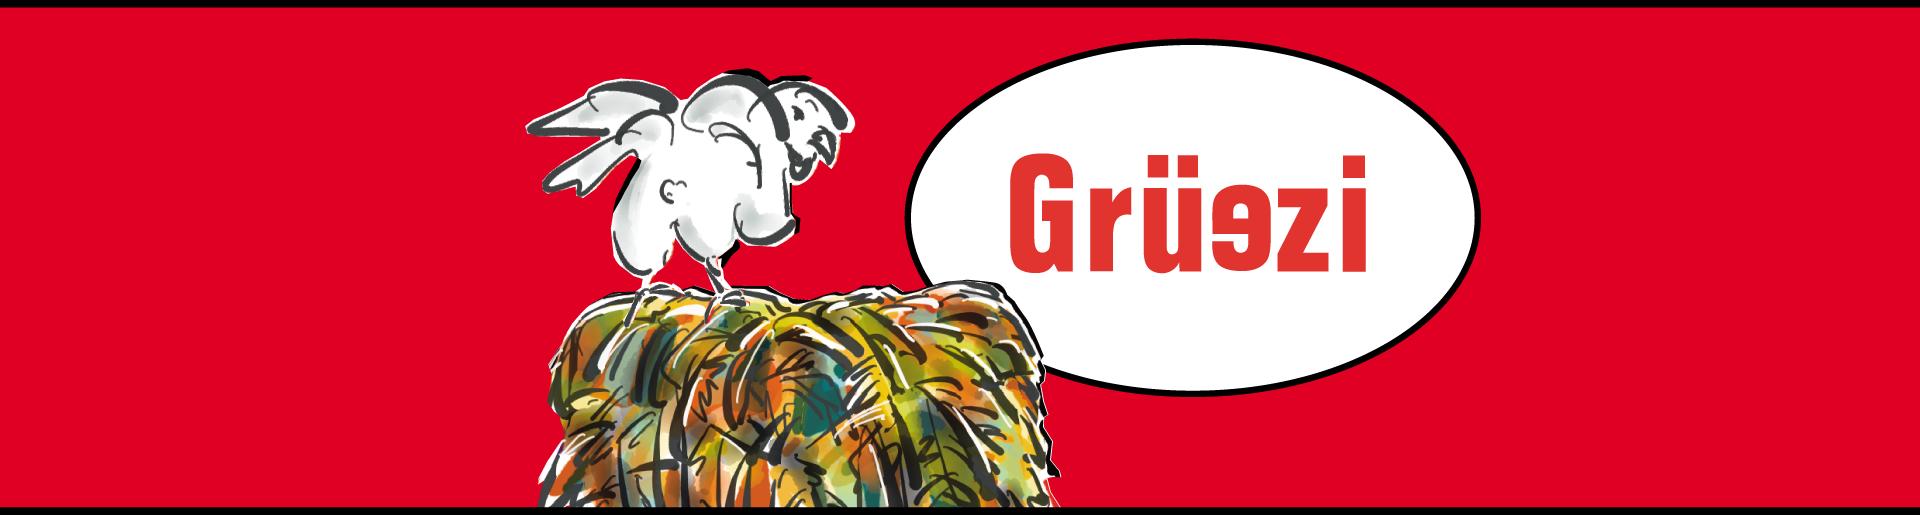 Slider_Grüezi_Güggel_1920x515px